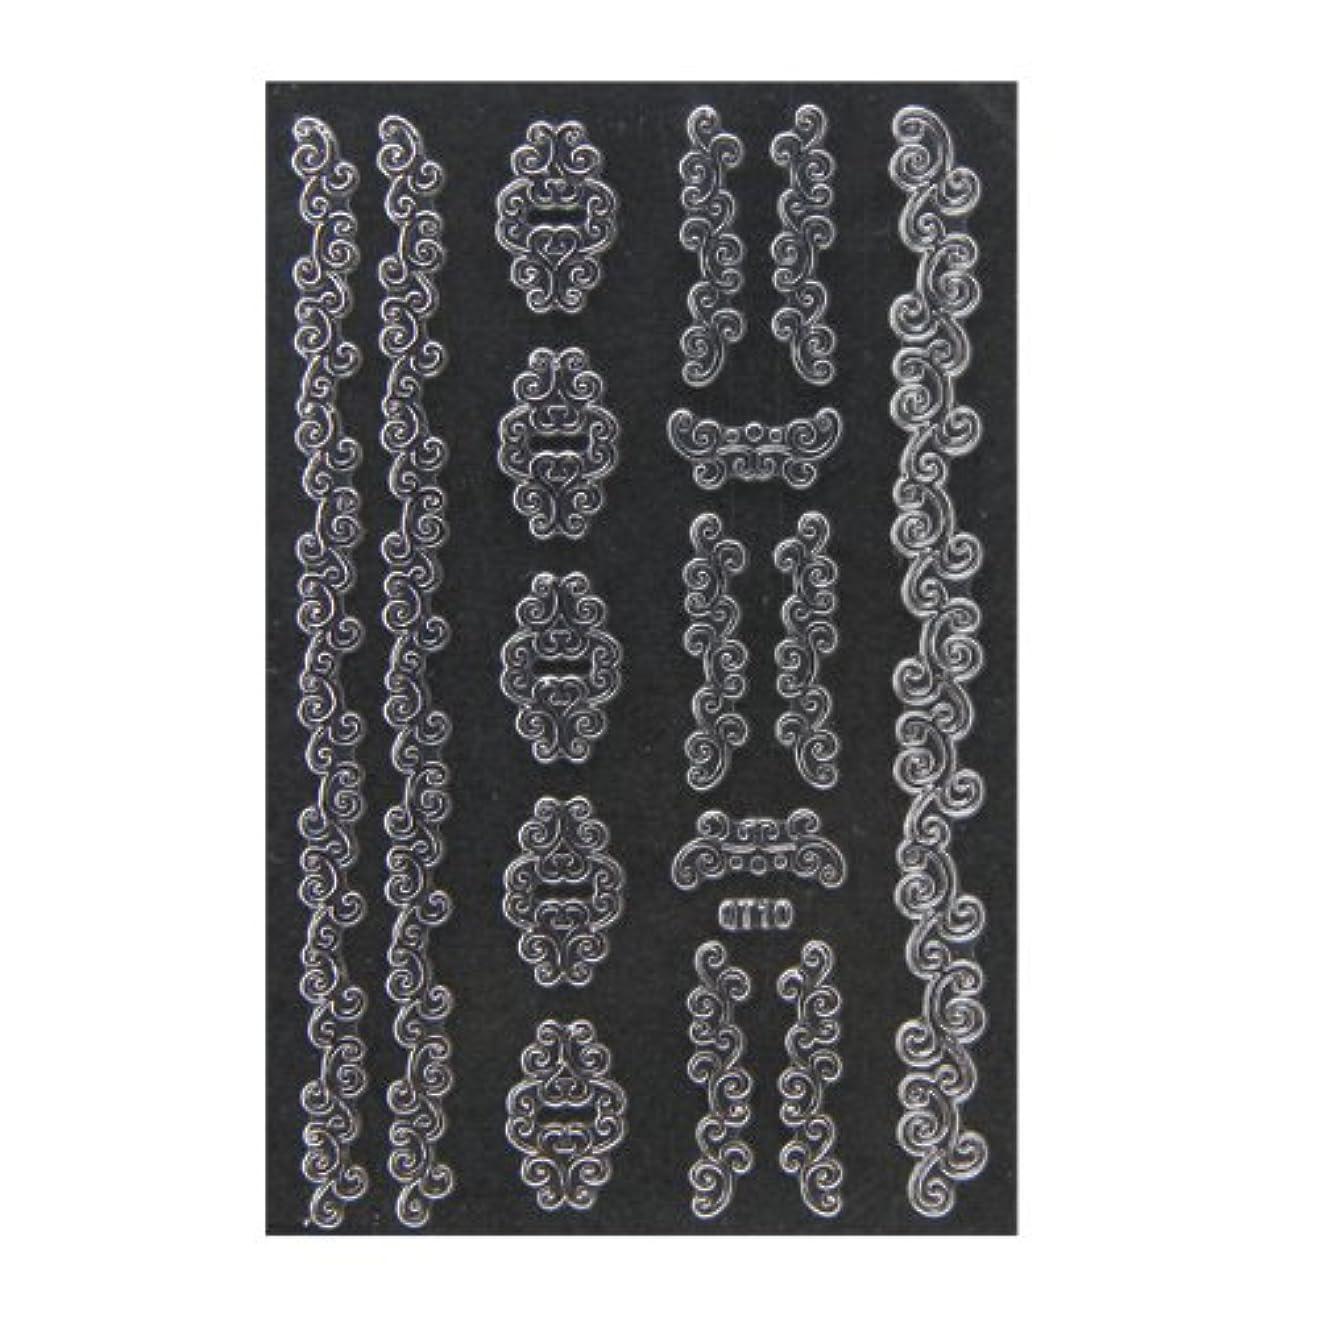 圧倒的制限するカートネイルシール 3D ネイルシート ファッションネイル メタリックシール36 (ネイル用品)